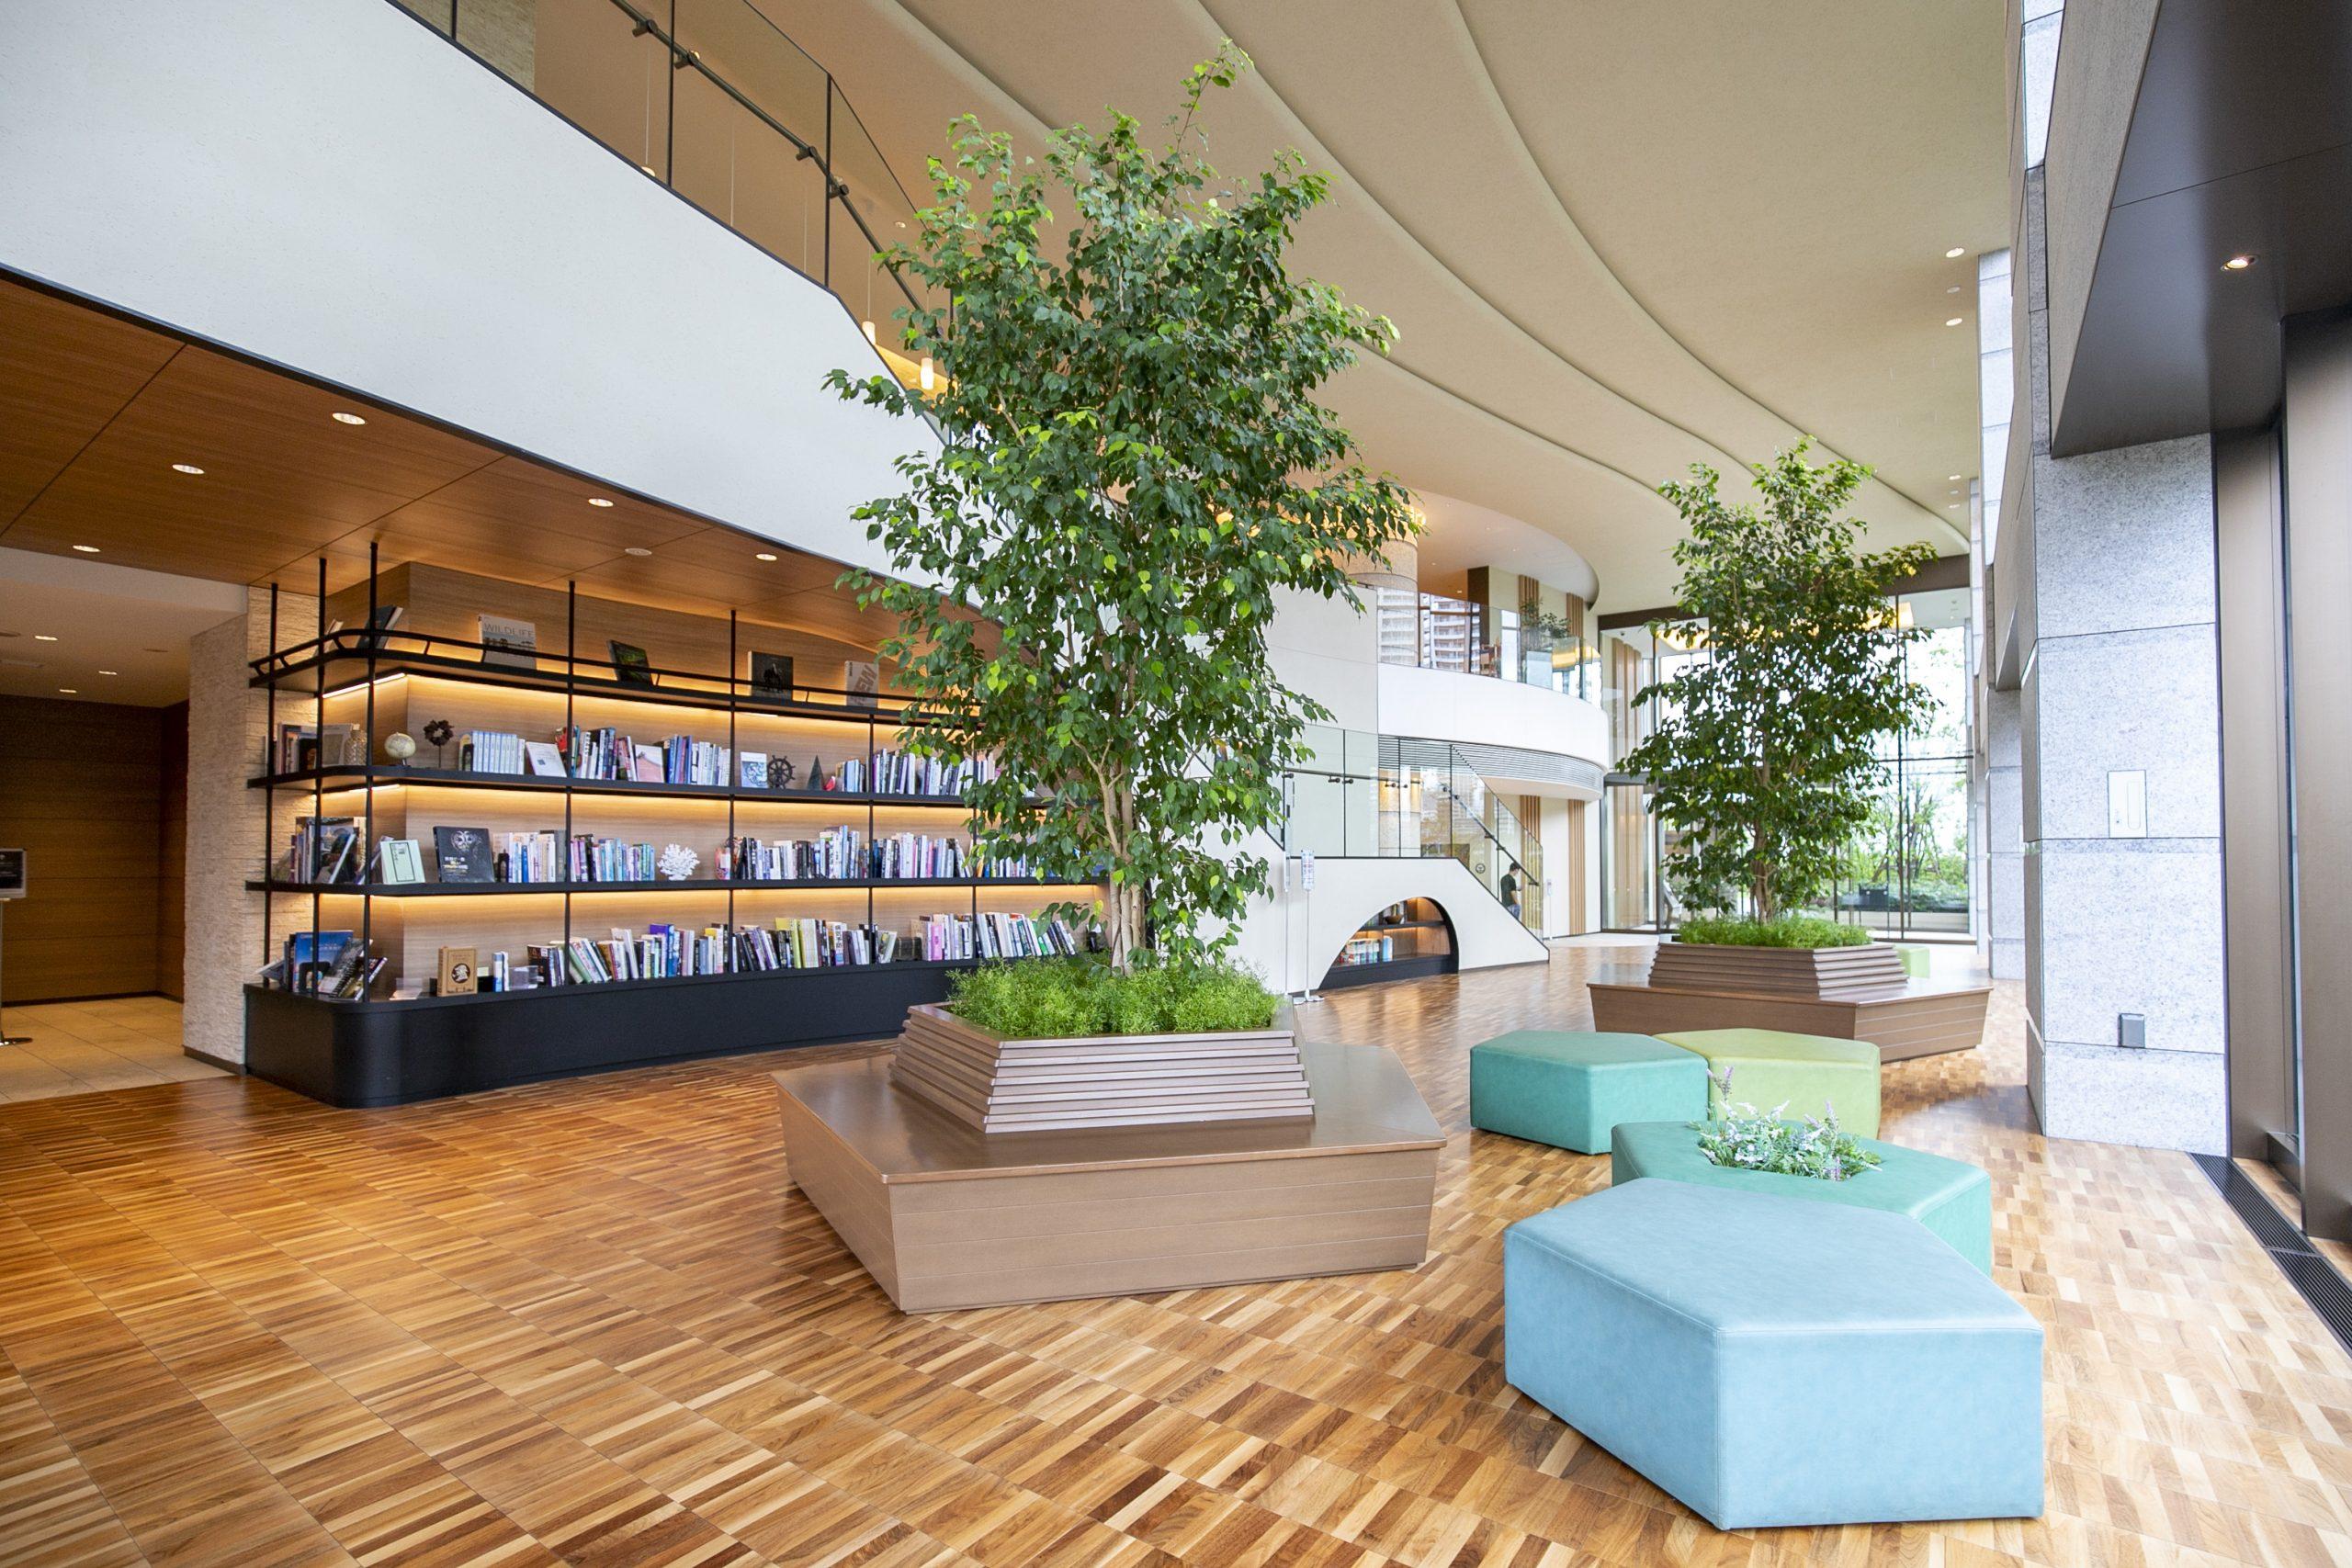 パークタワー晴海 オリエンタルランドが作り出すリゾートホテルのような雰囲気